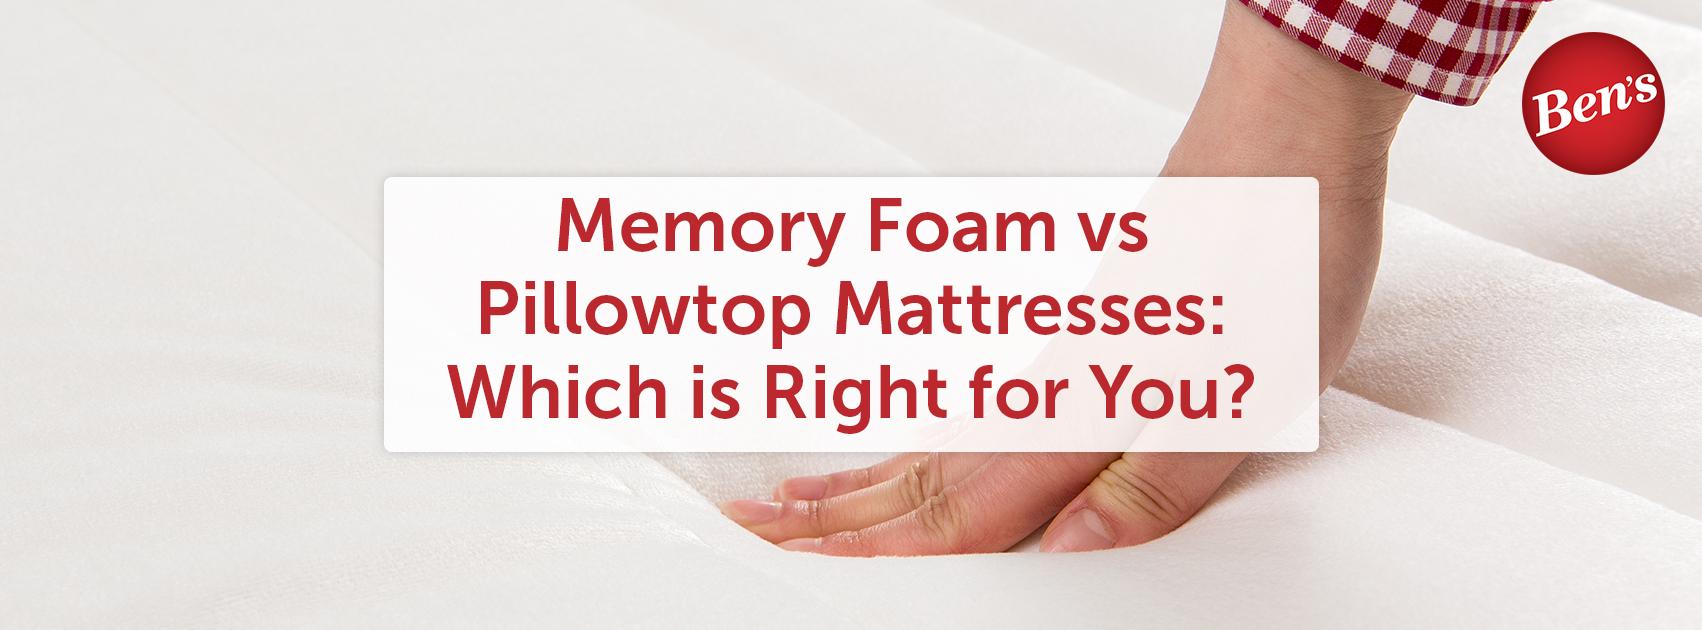 memory foam vs pillowtop